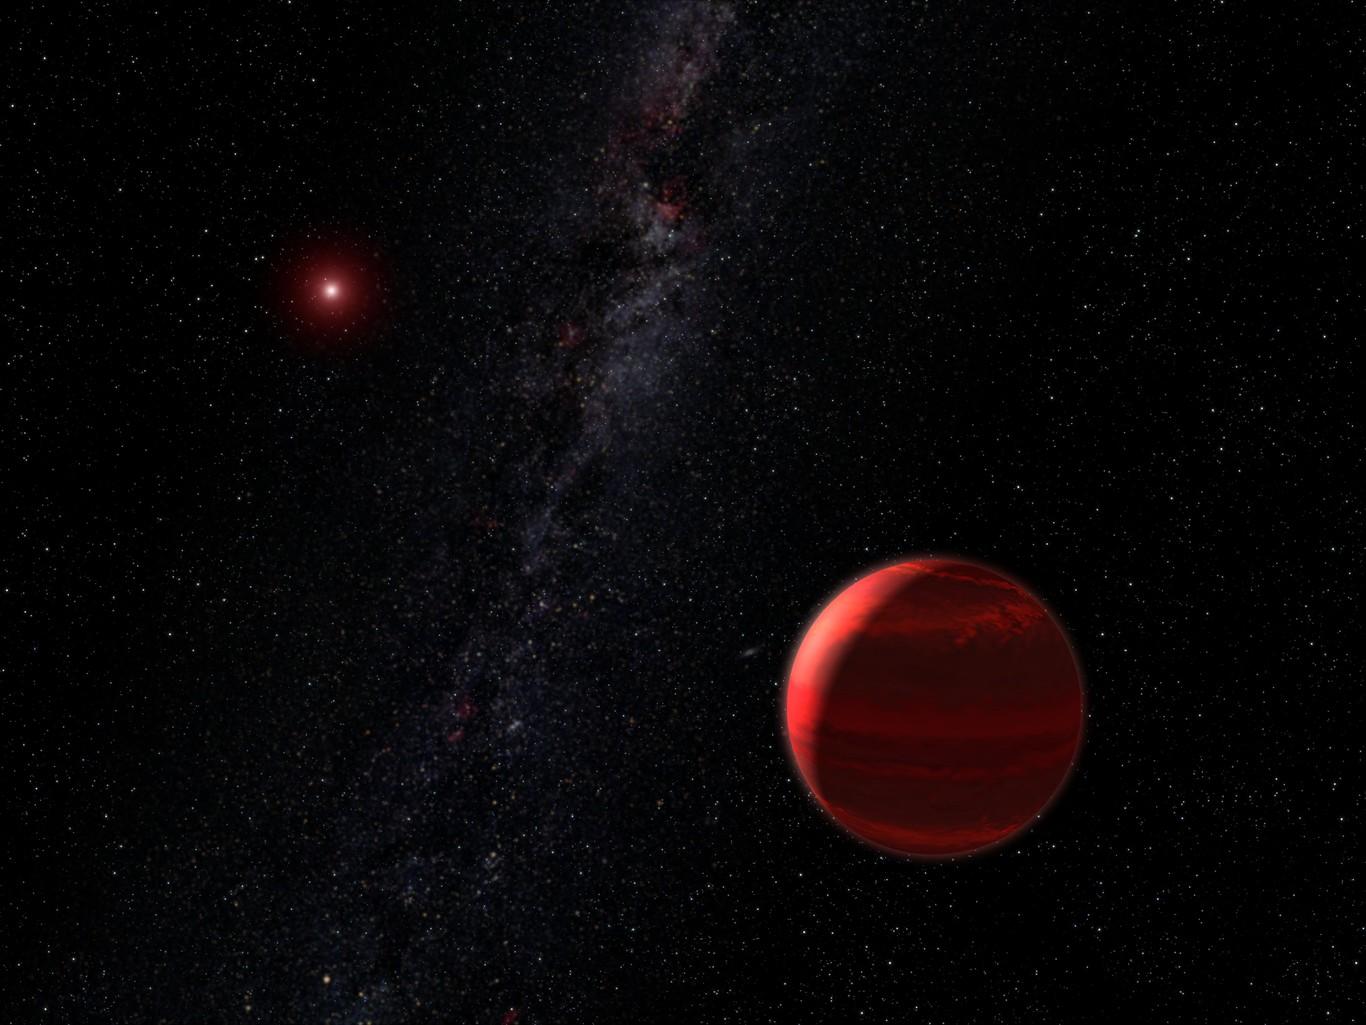 La sonrisa de van Kamp: Científicos españoles descubren una supertierra en la segunda estrella más cercana a la tierra